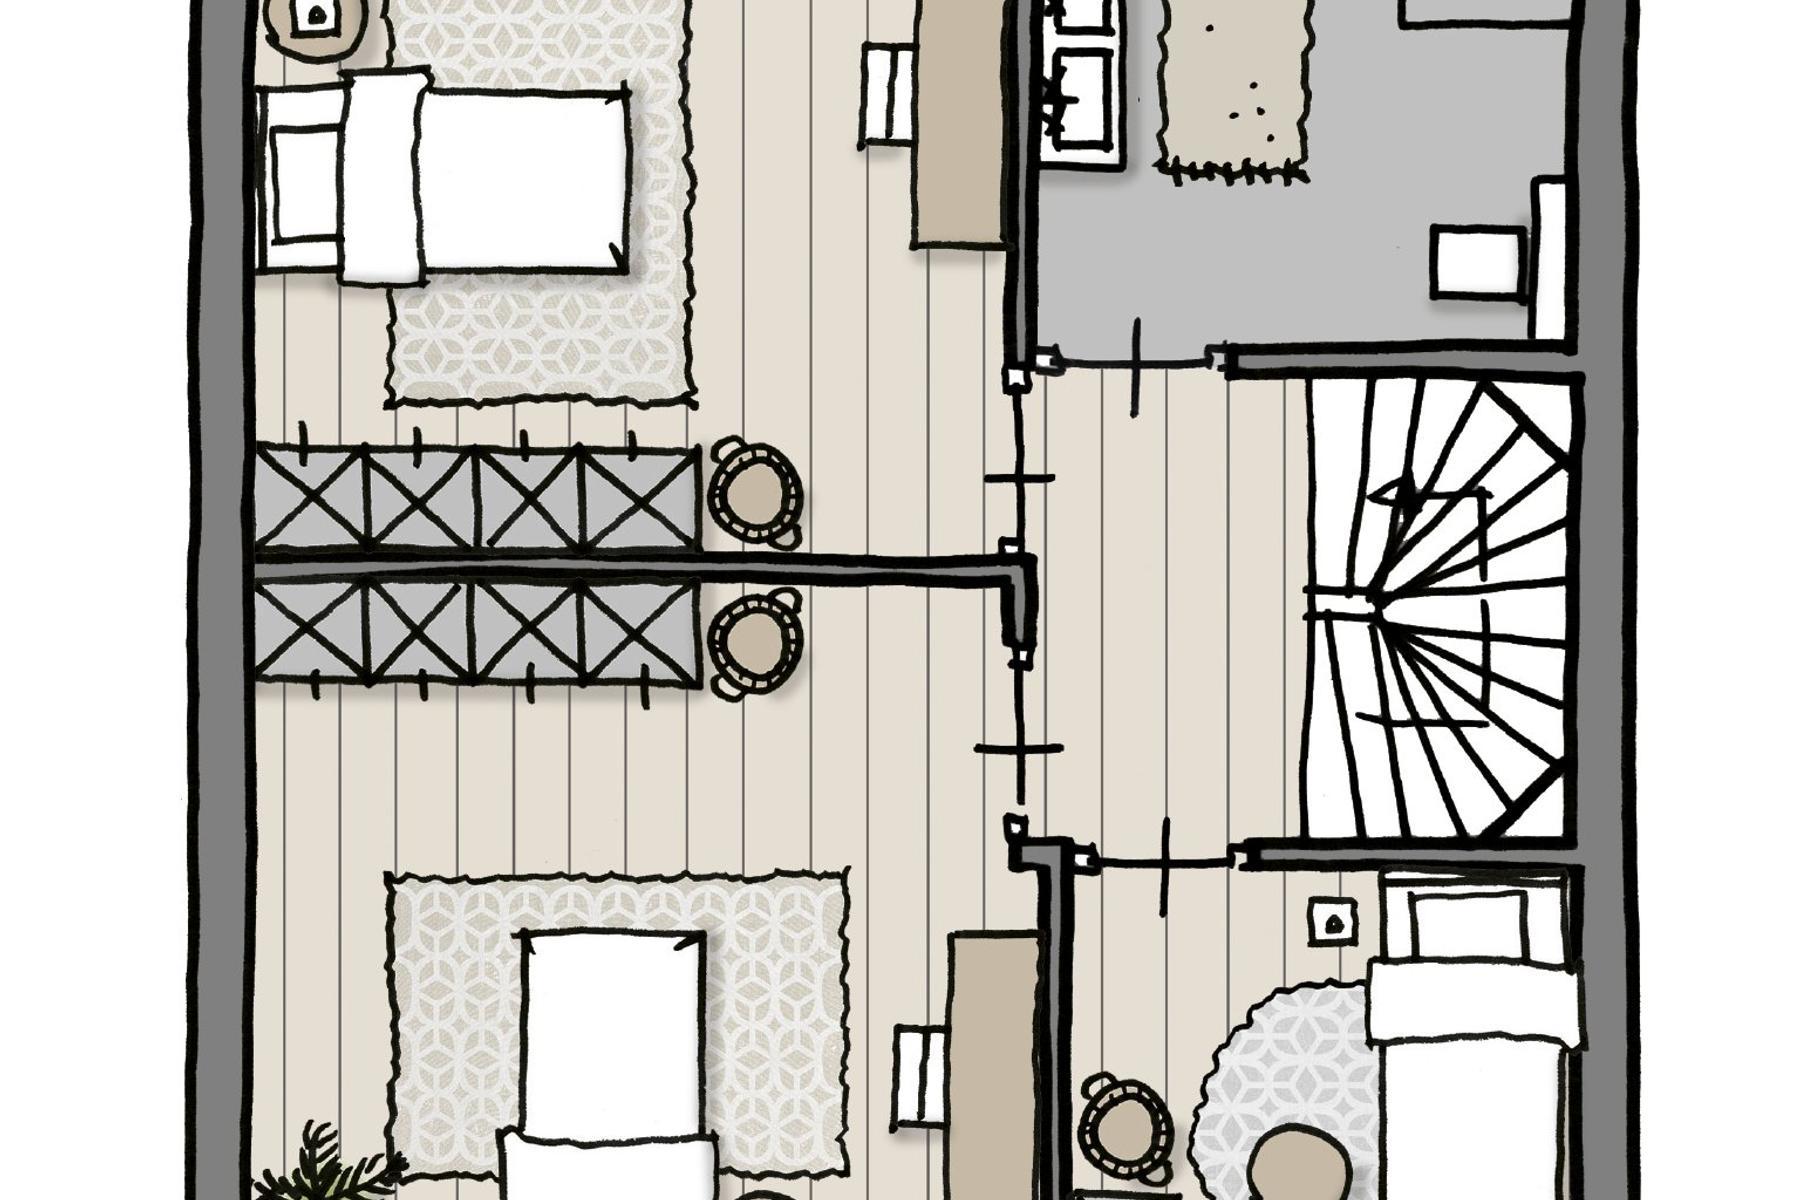 21_Nieuwbouw_Woonpark_Hoevelaken_type_C2_EersteVerdieping_2_BN_27-28_40-41.jpg